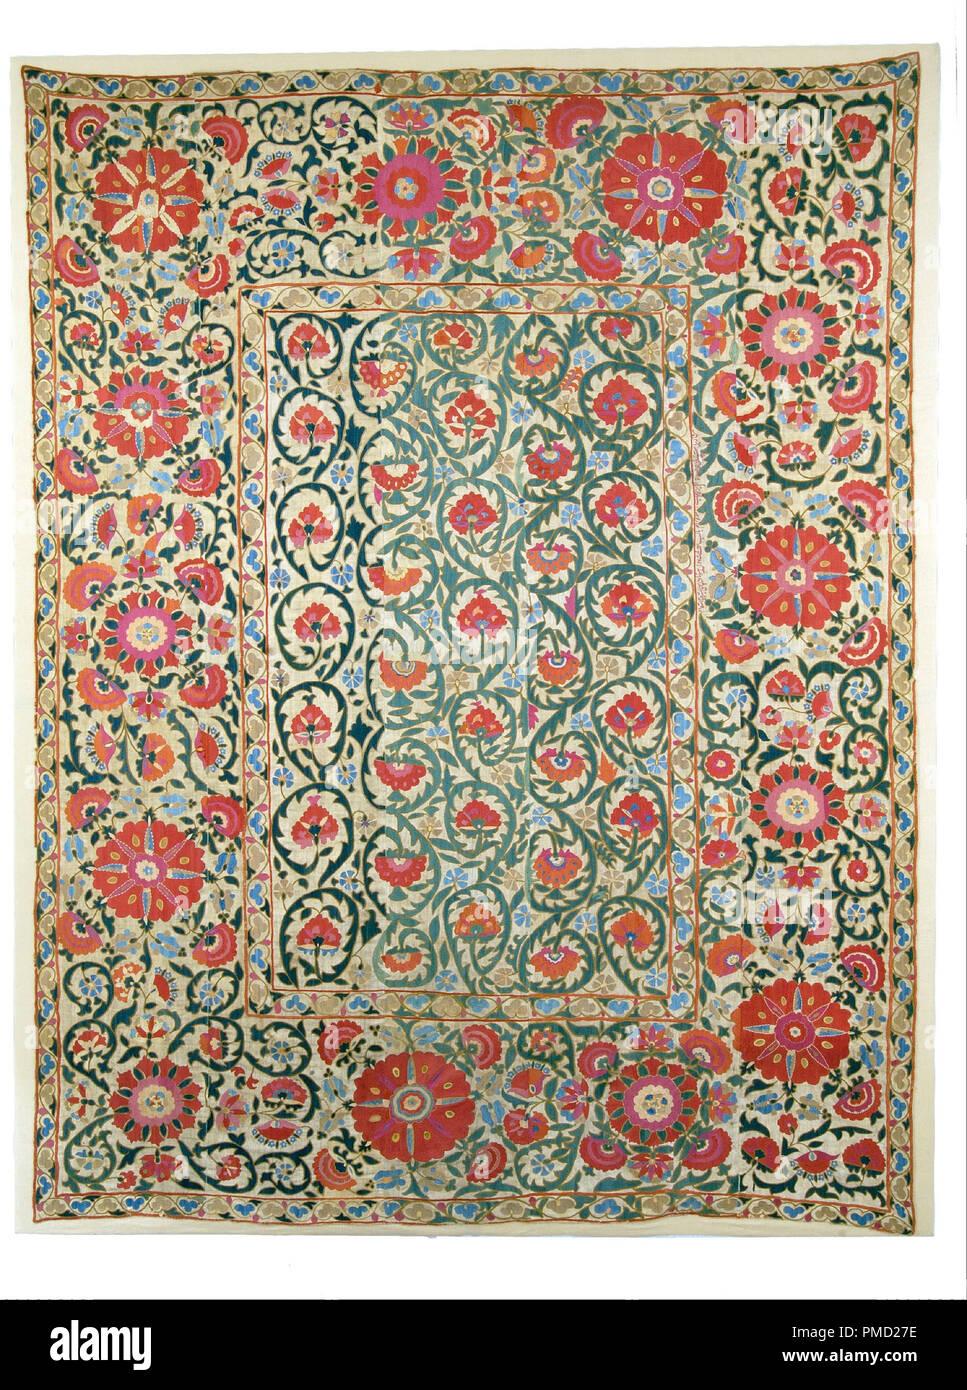 Per il montaggio a parete. Data/Periodo: 1800 - 1899. Tessile. Altezza: 263 mm (10,35 in). Autore: Sconosciuto. Immagini Stock